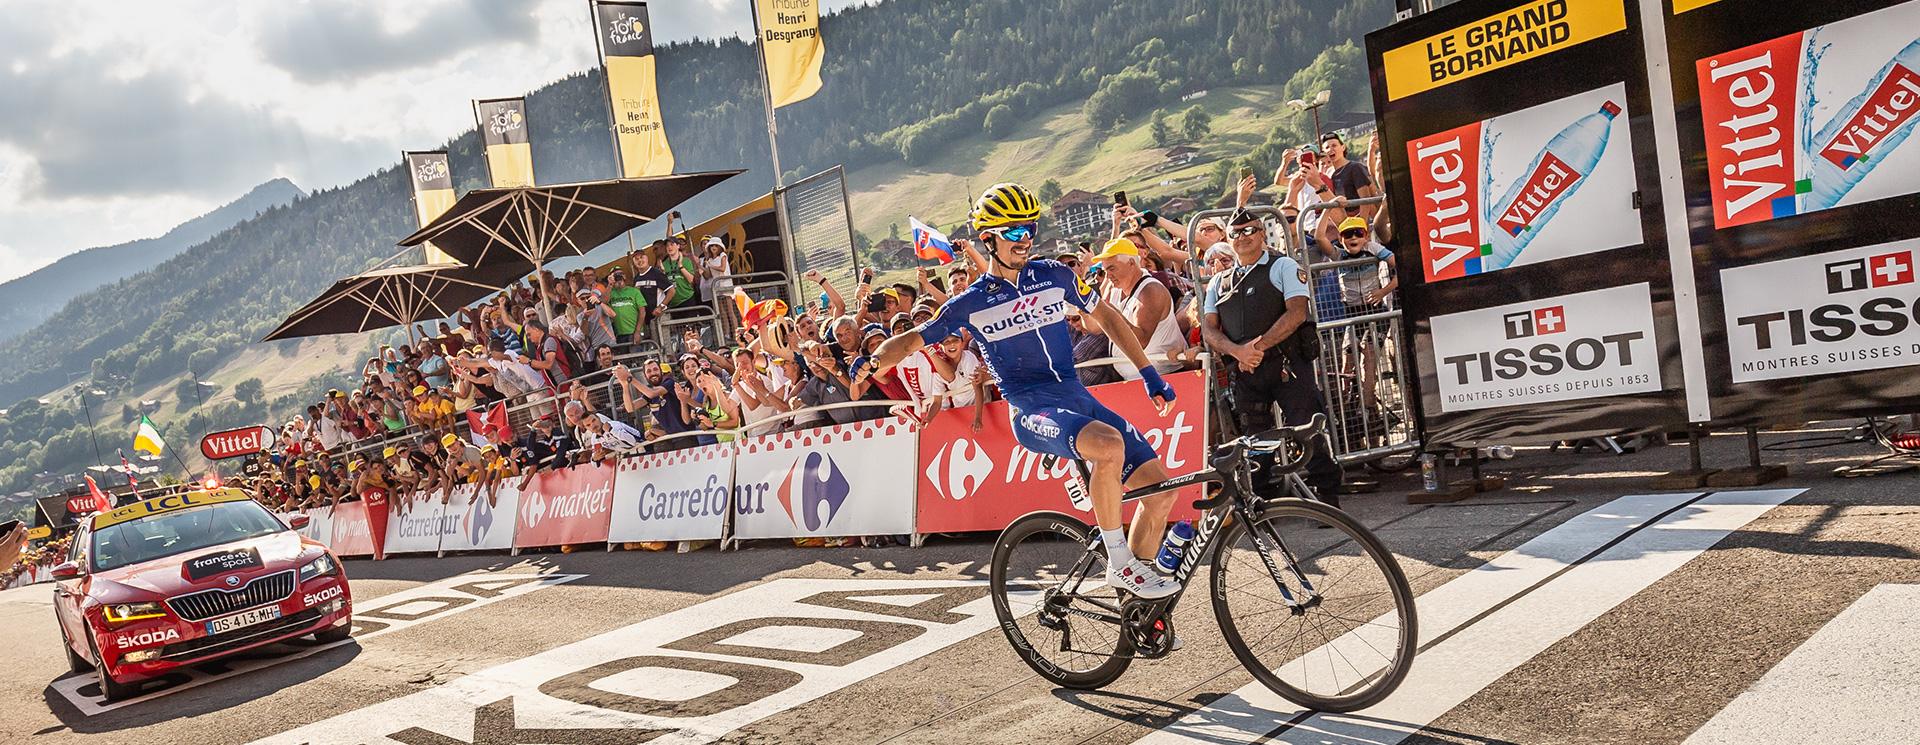 le grand bornand,tour de france,cyclisme - © © C. Hudry